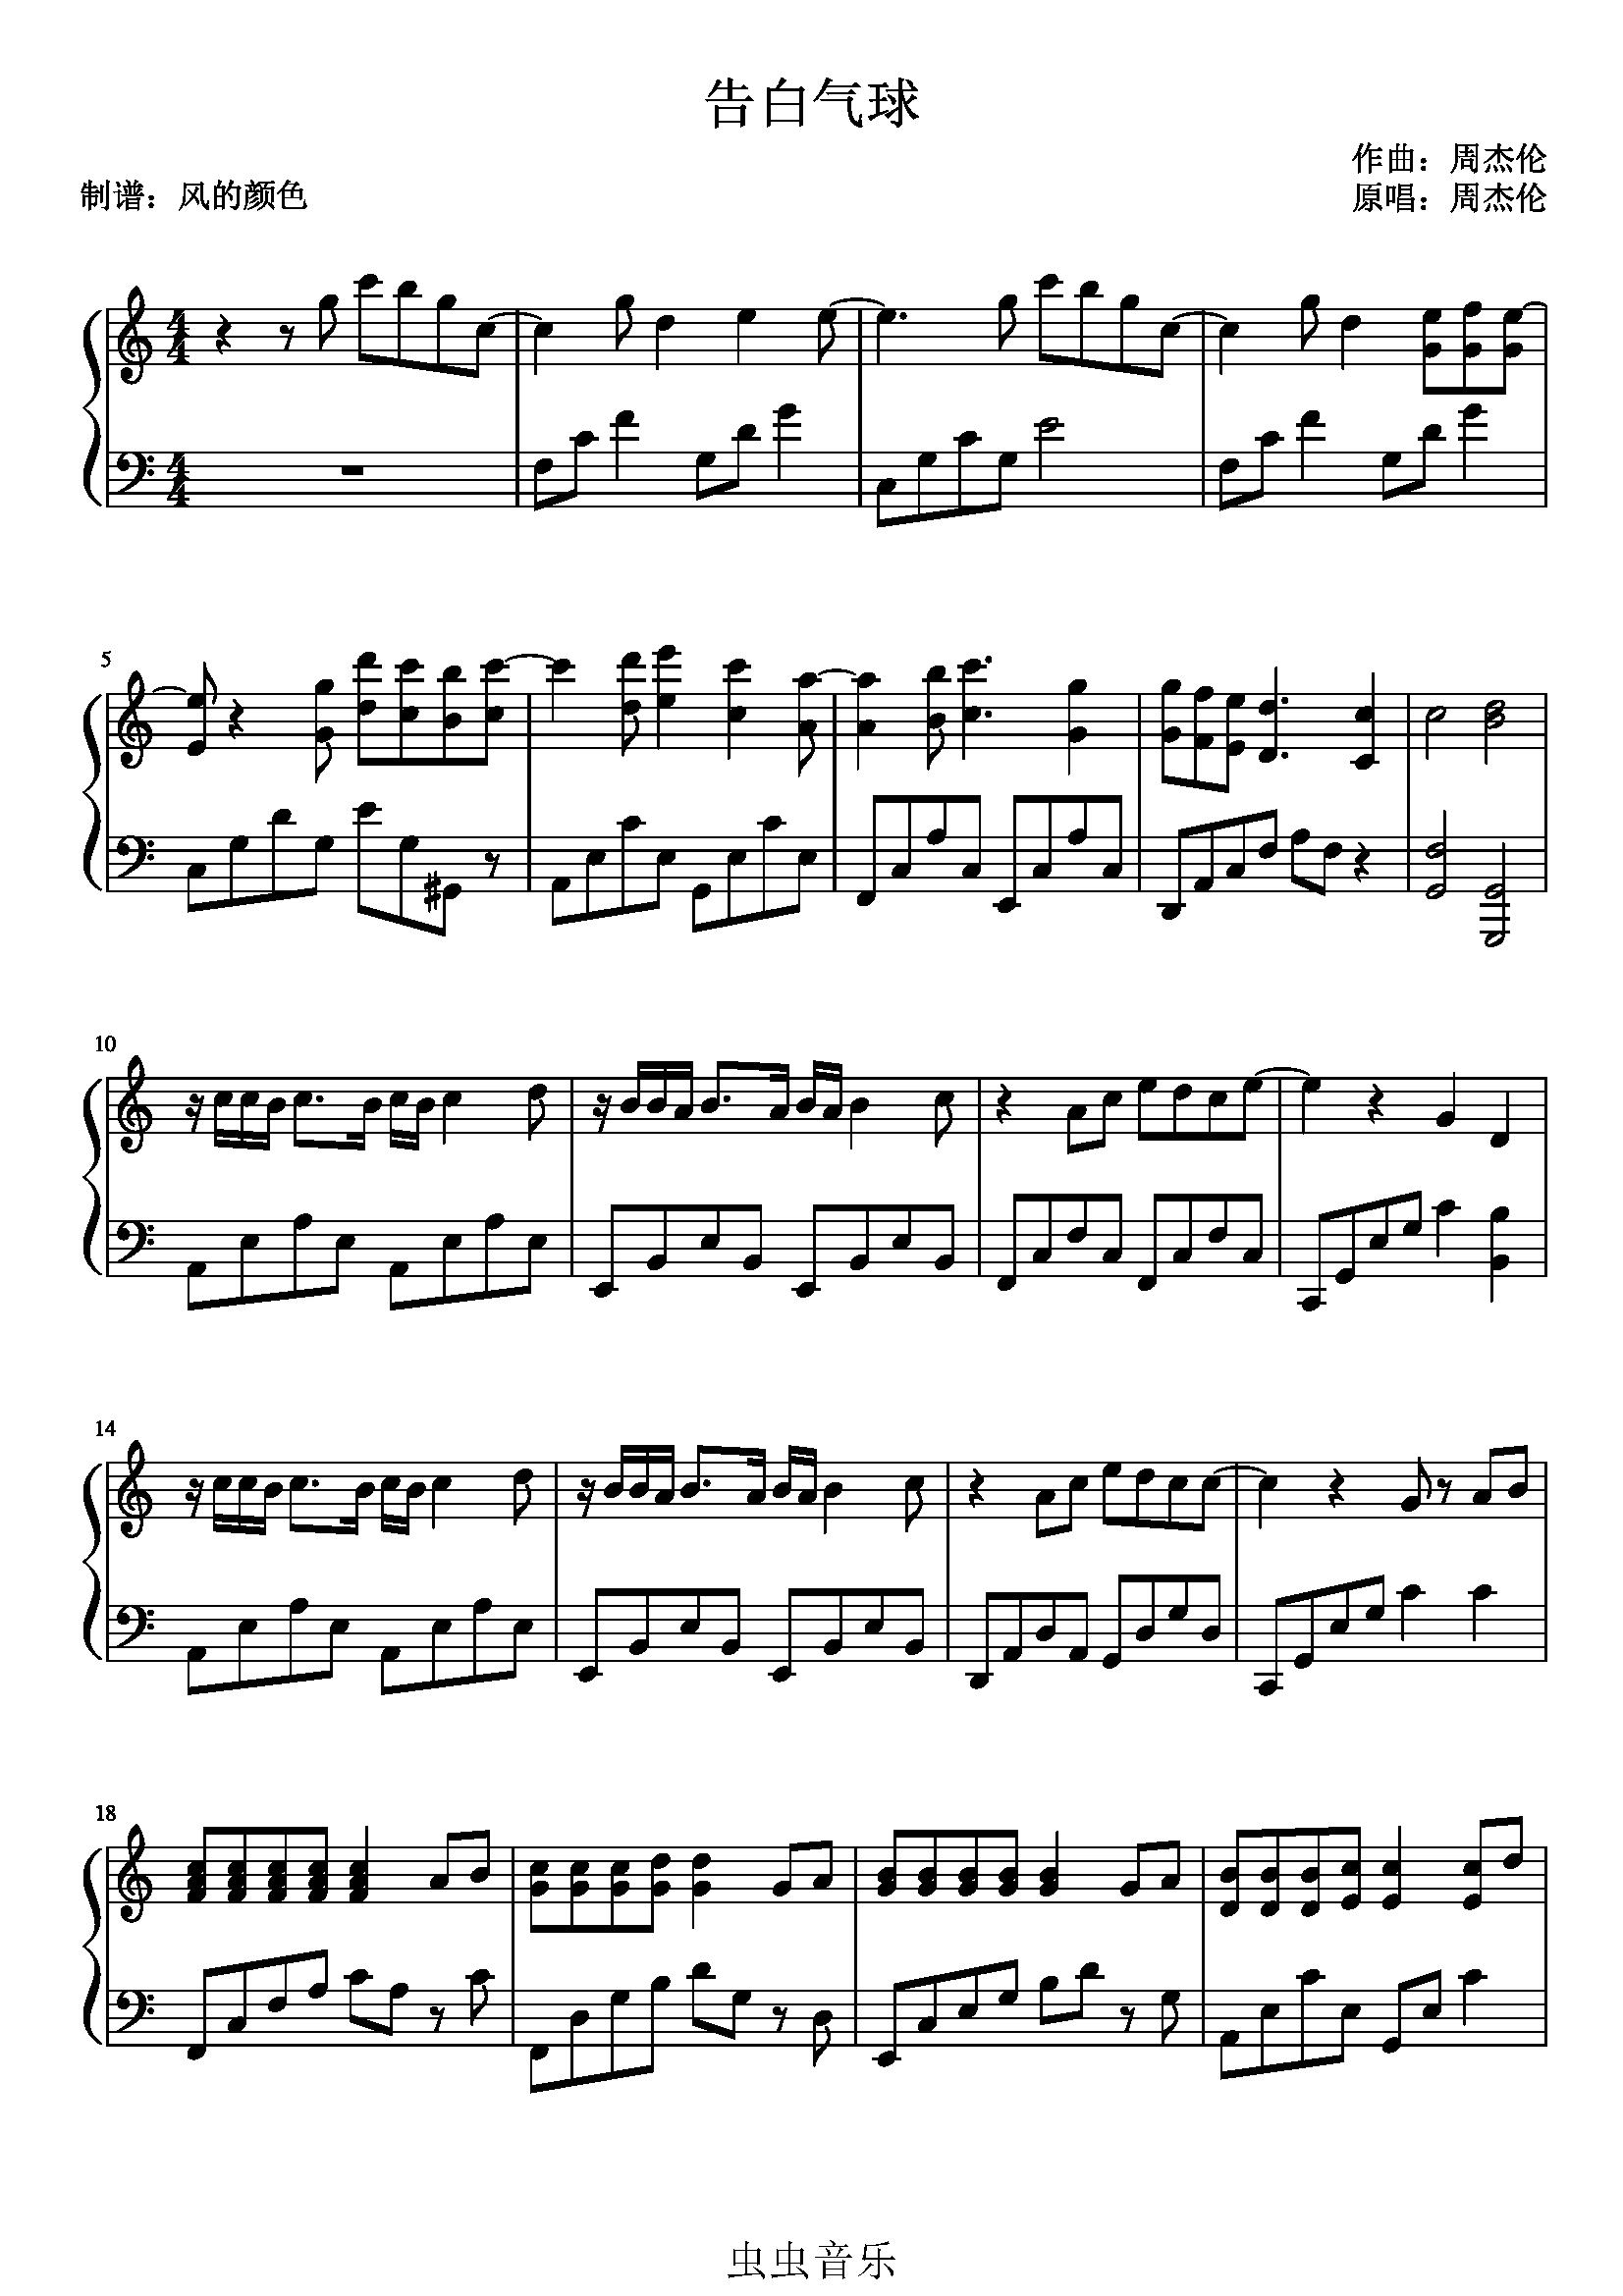 《告白气球》简单版钢琴谱_